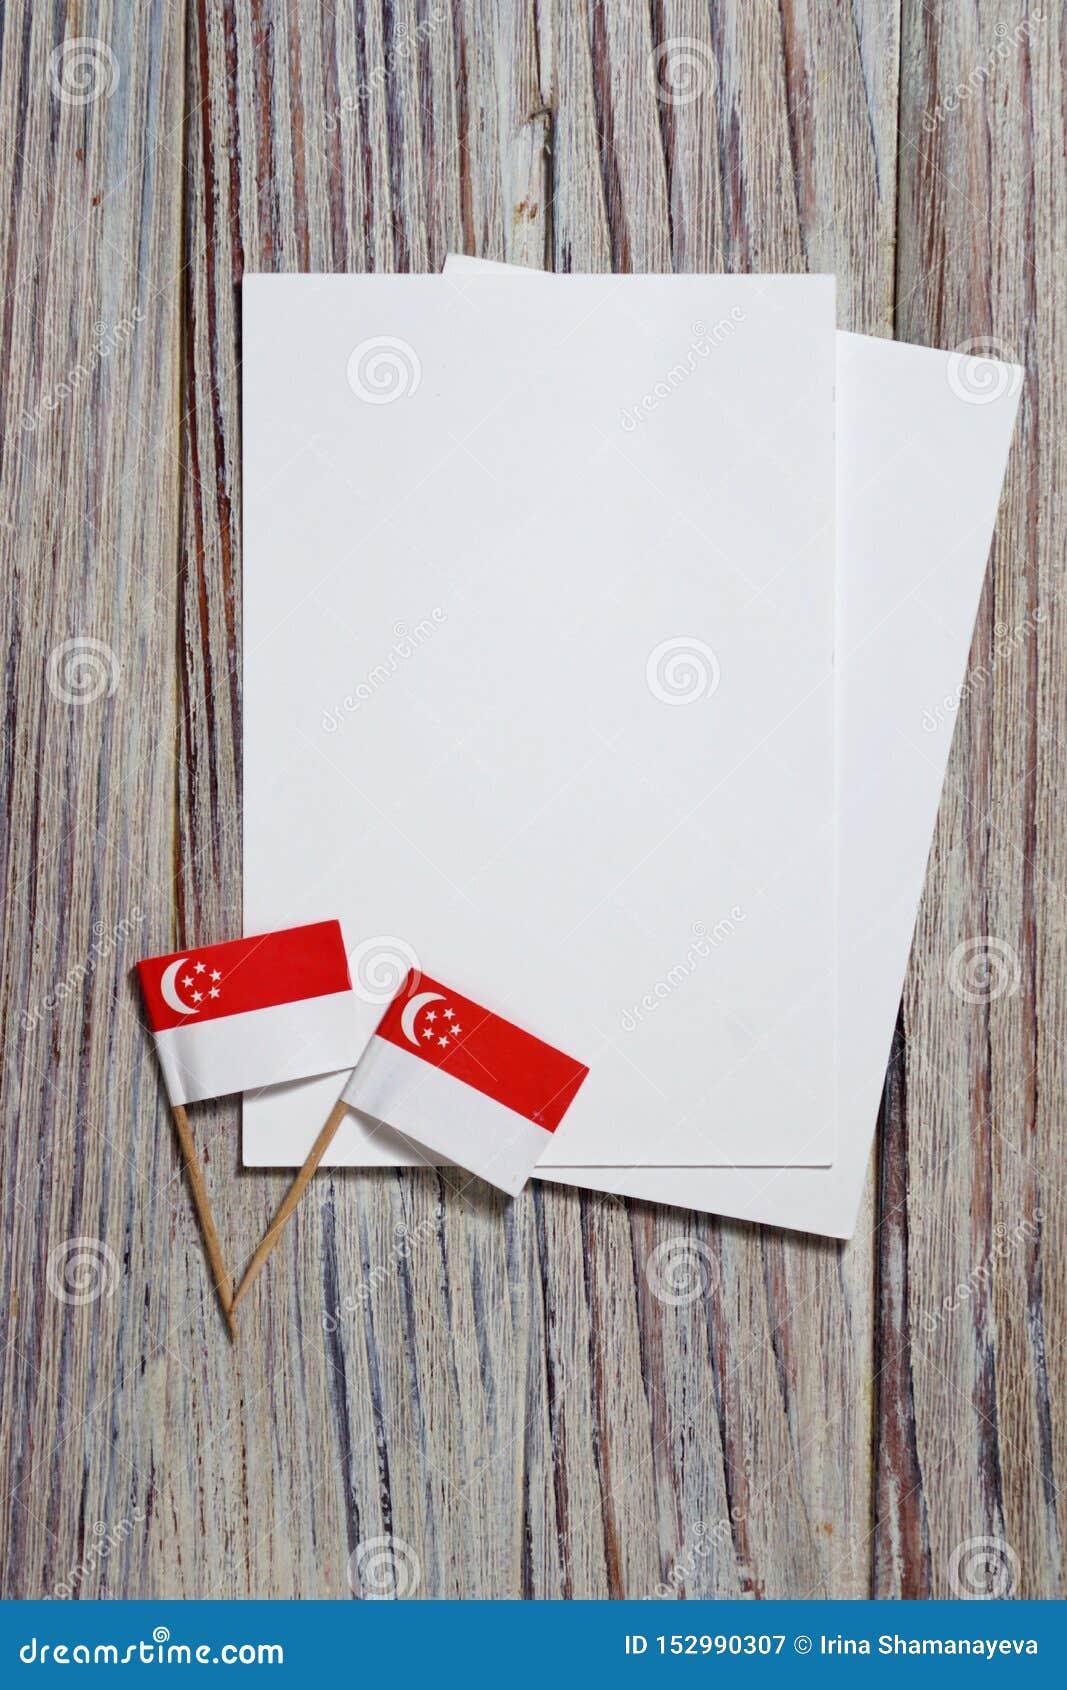 De Onafhankelijkheidsdag van Singapore 9 Augustus het concept vrijheid, onafhankelijkheid en patriottisme minivlaggen met bladen